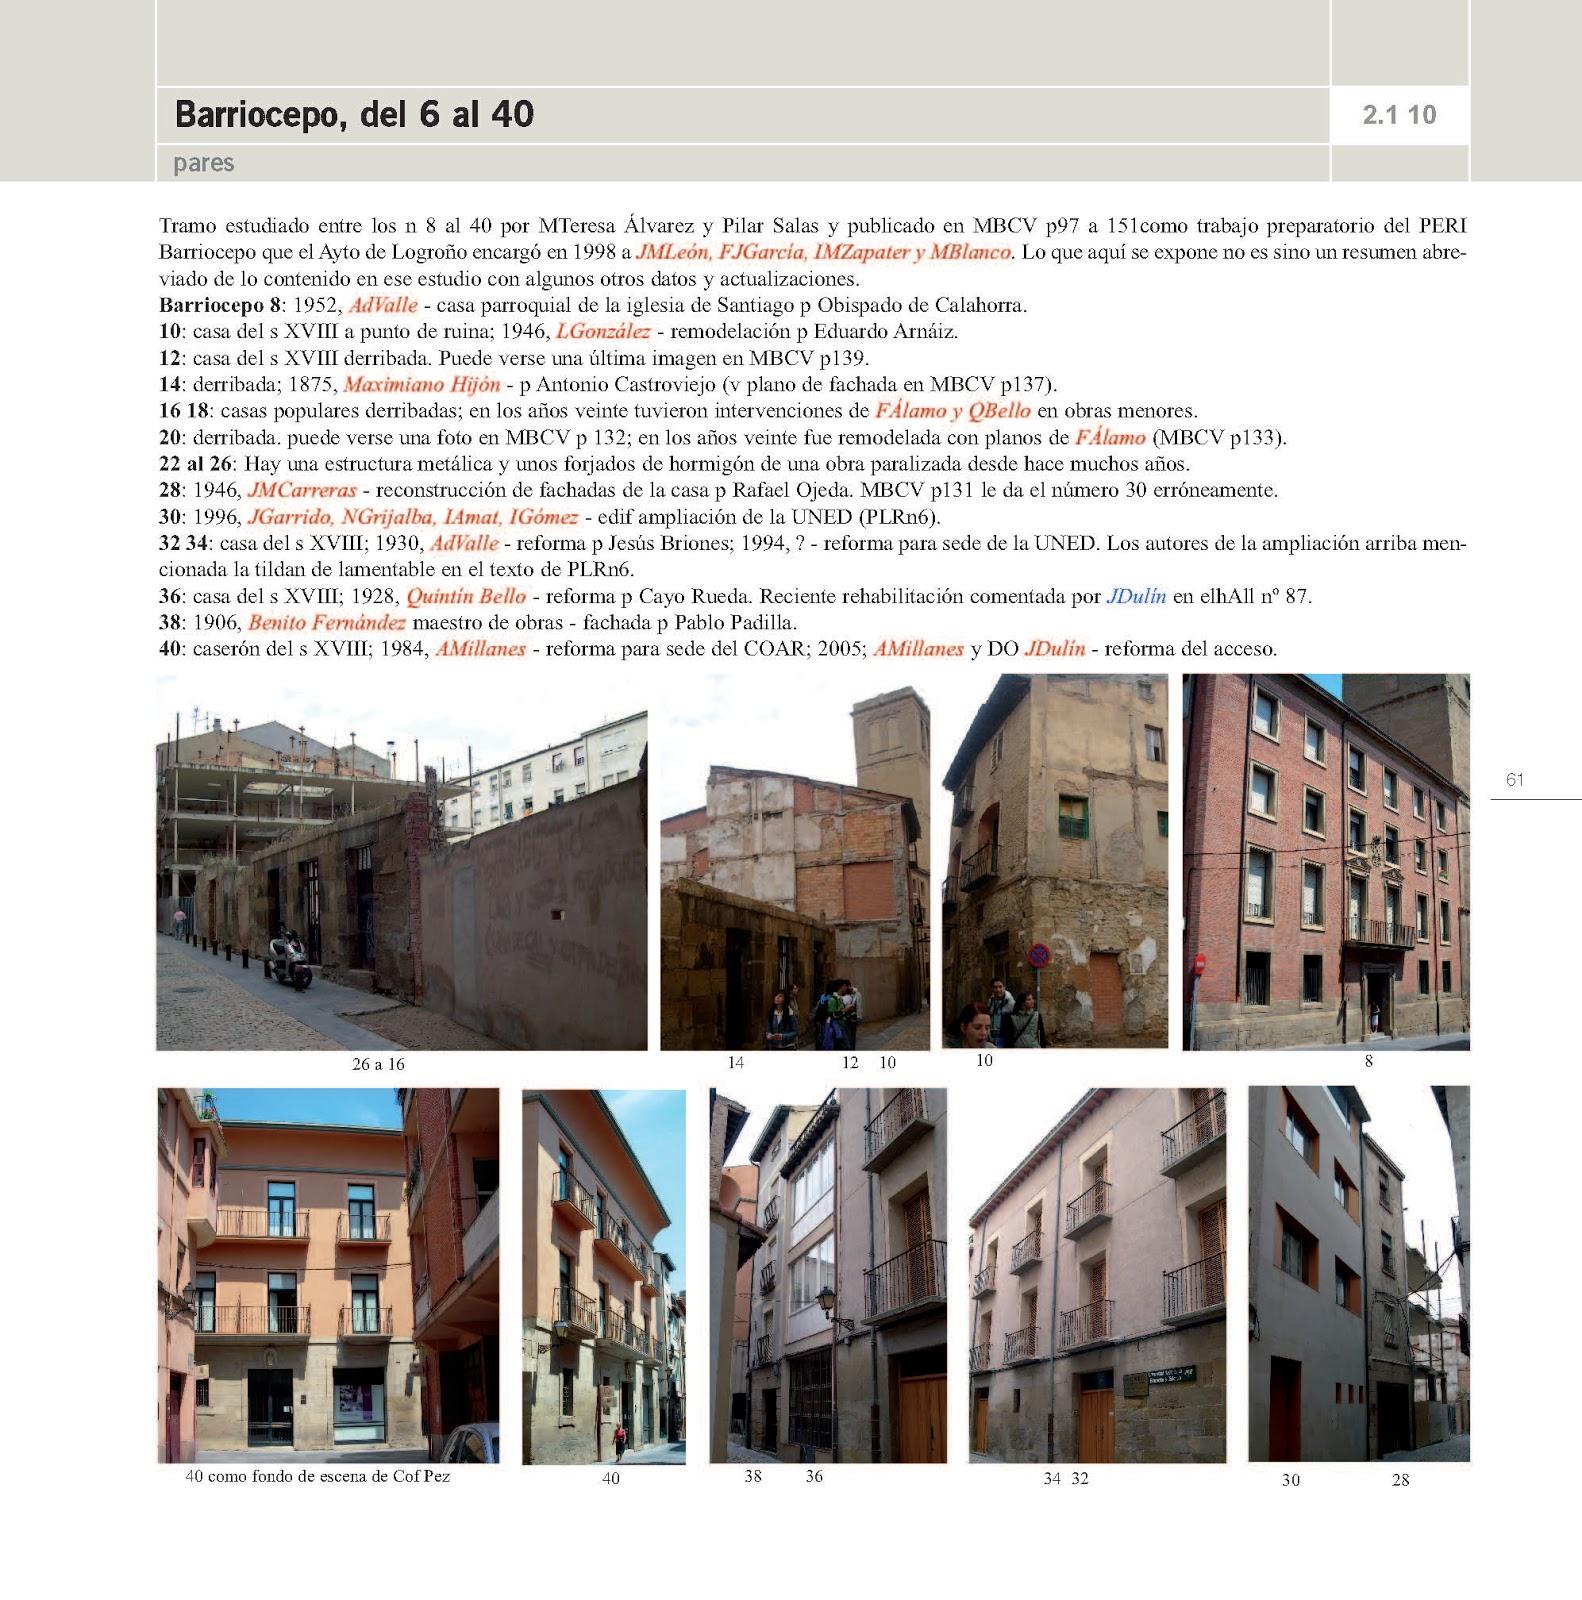 Guia de arquitectura de logro o paginas 2 1 10 for Paginas arquitectura